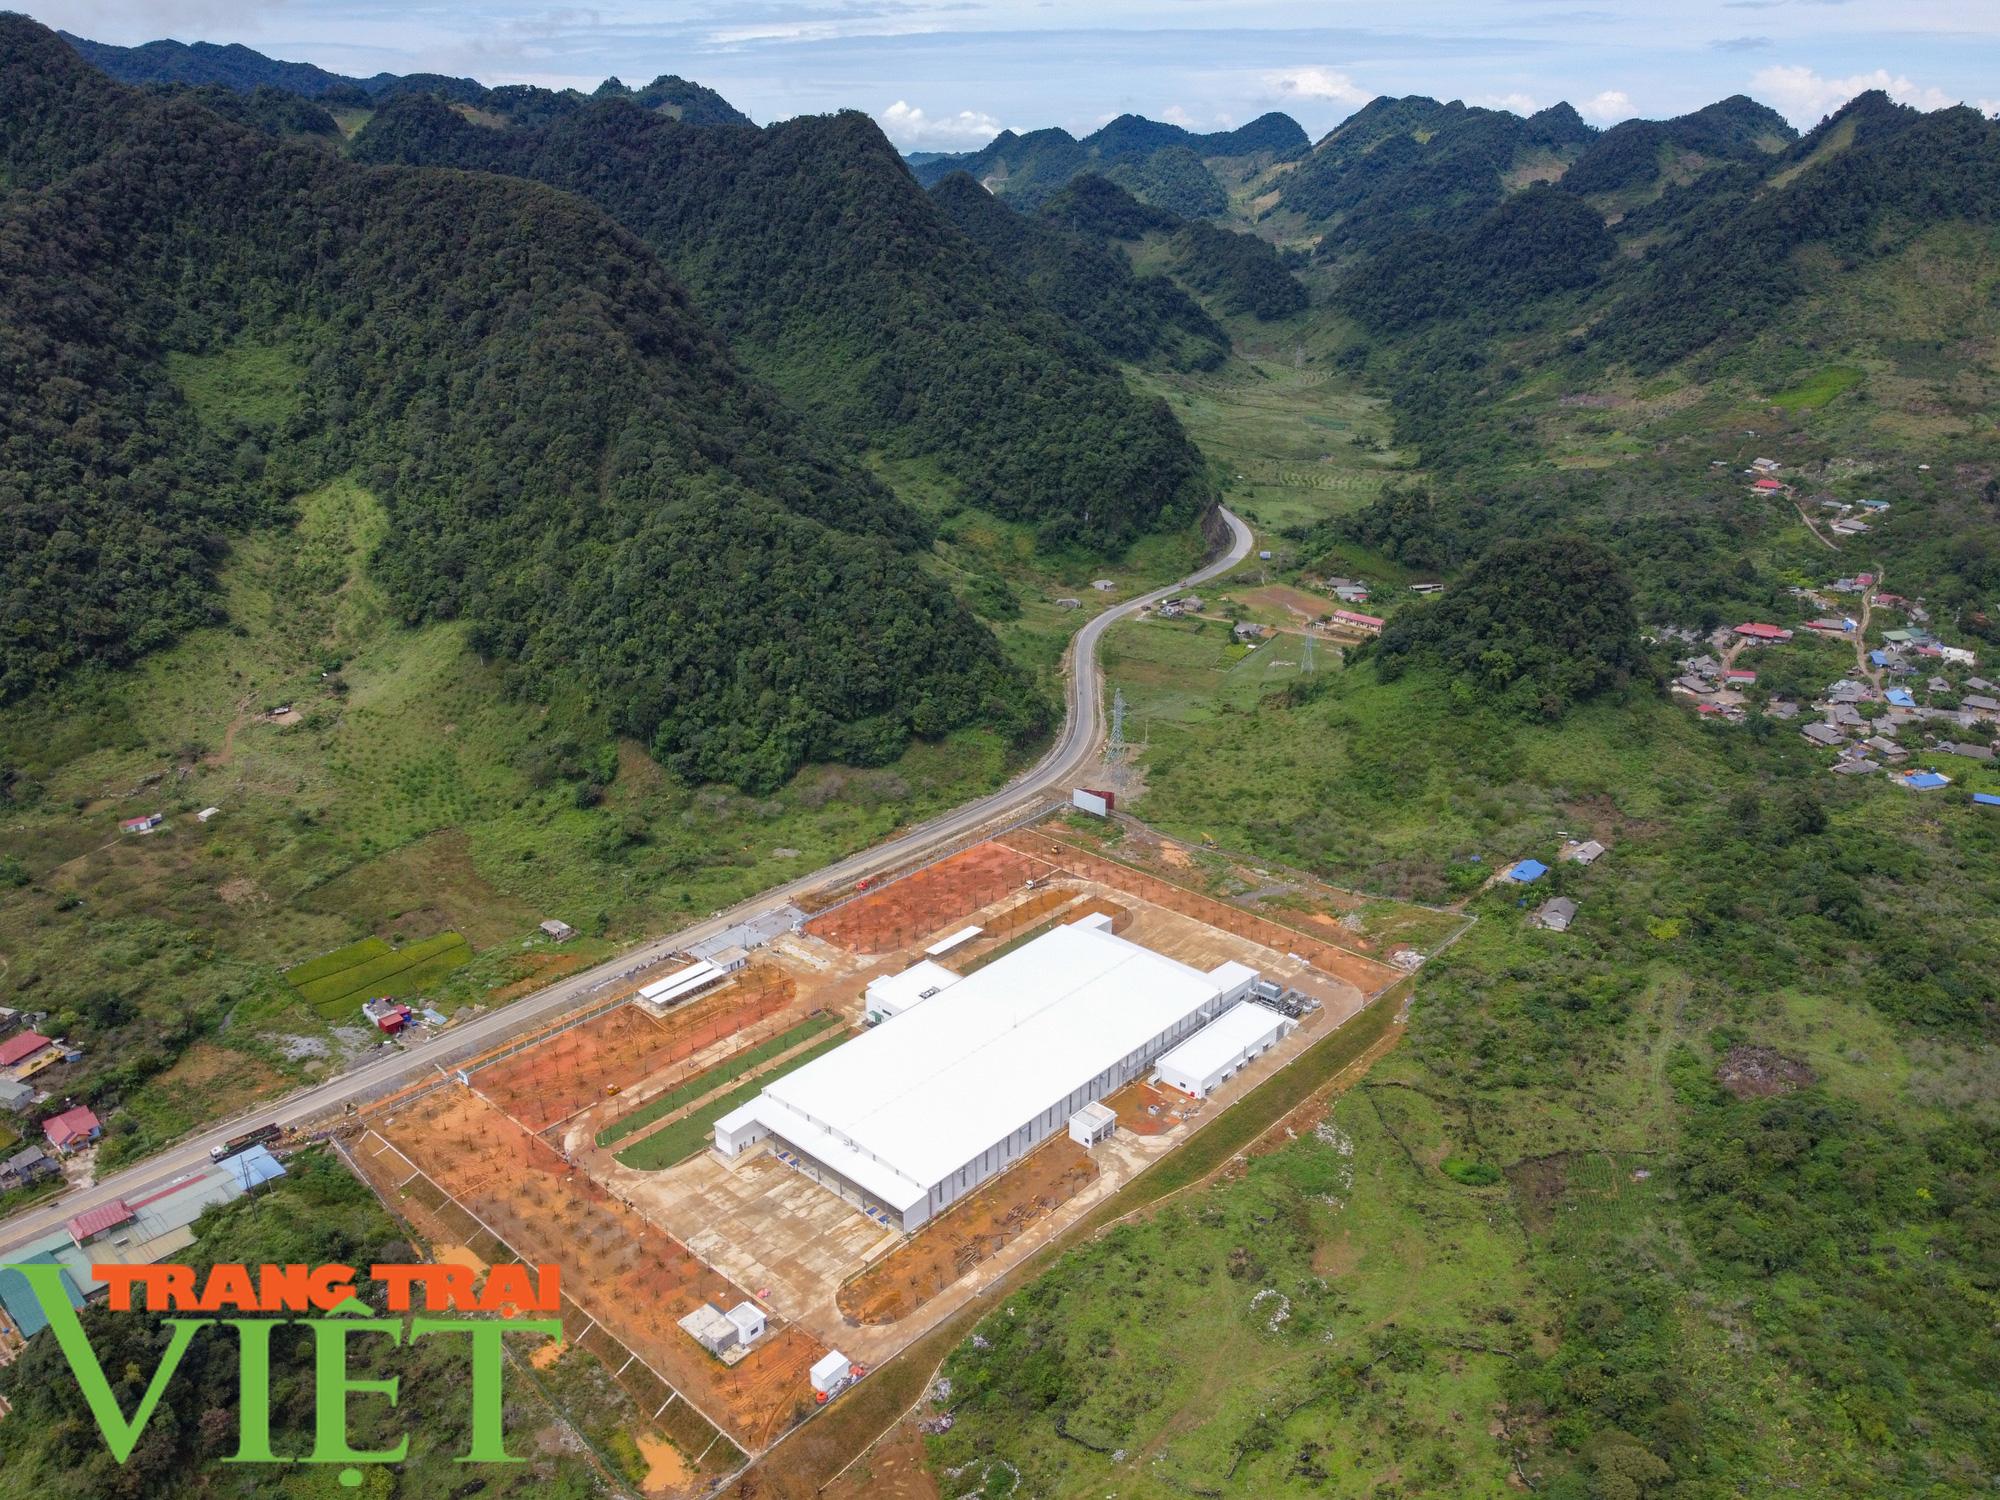 Nhà máy đi vào hoạt động sẽ giúp đảm bảo đầu ra cho nông sản Sơn La - Ảnh 4.